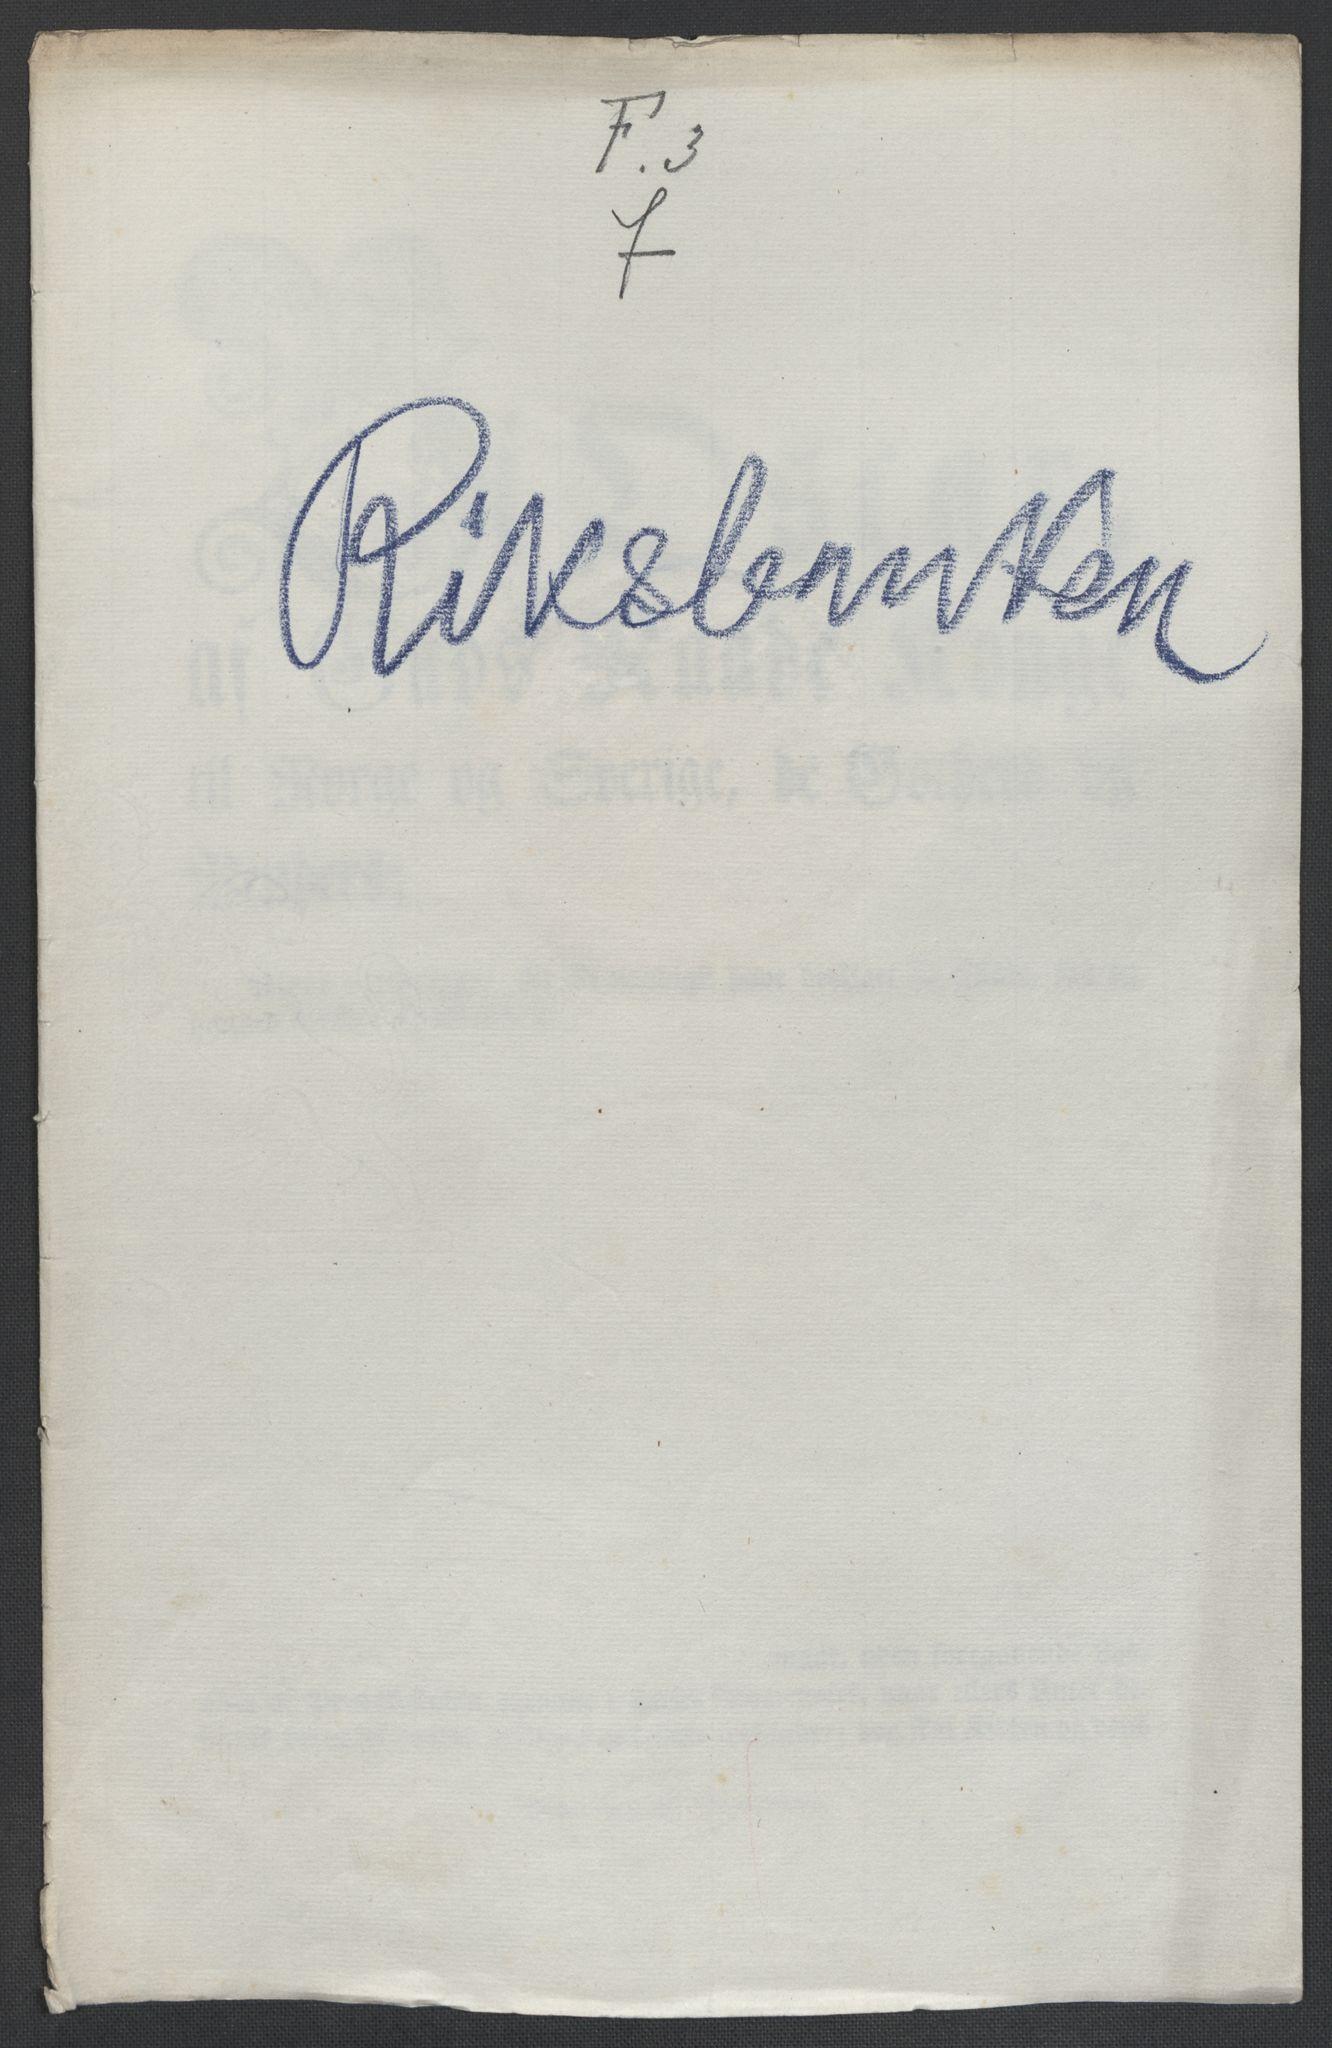 RA, Christie, Wilhelm Frimann Koren, F/L0006, 1817-1818, s. 377